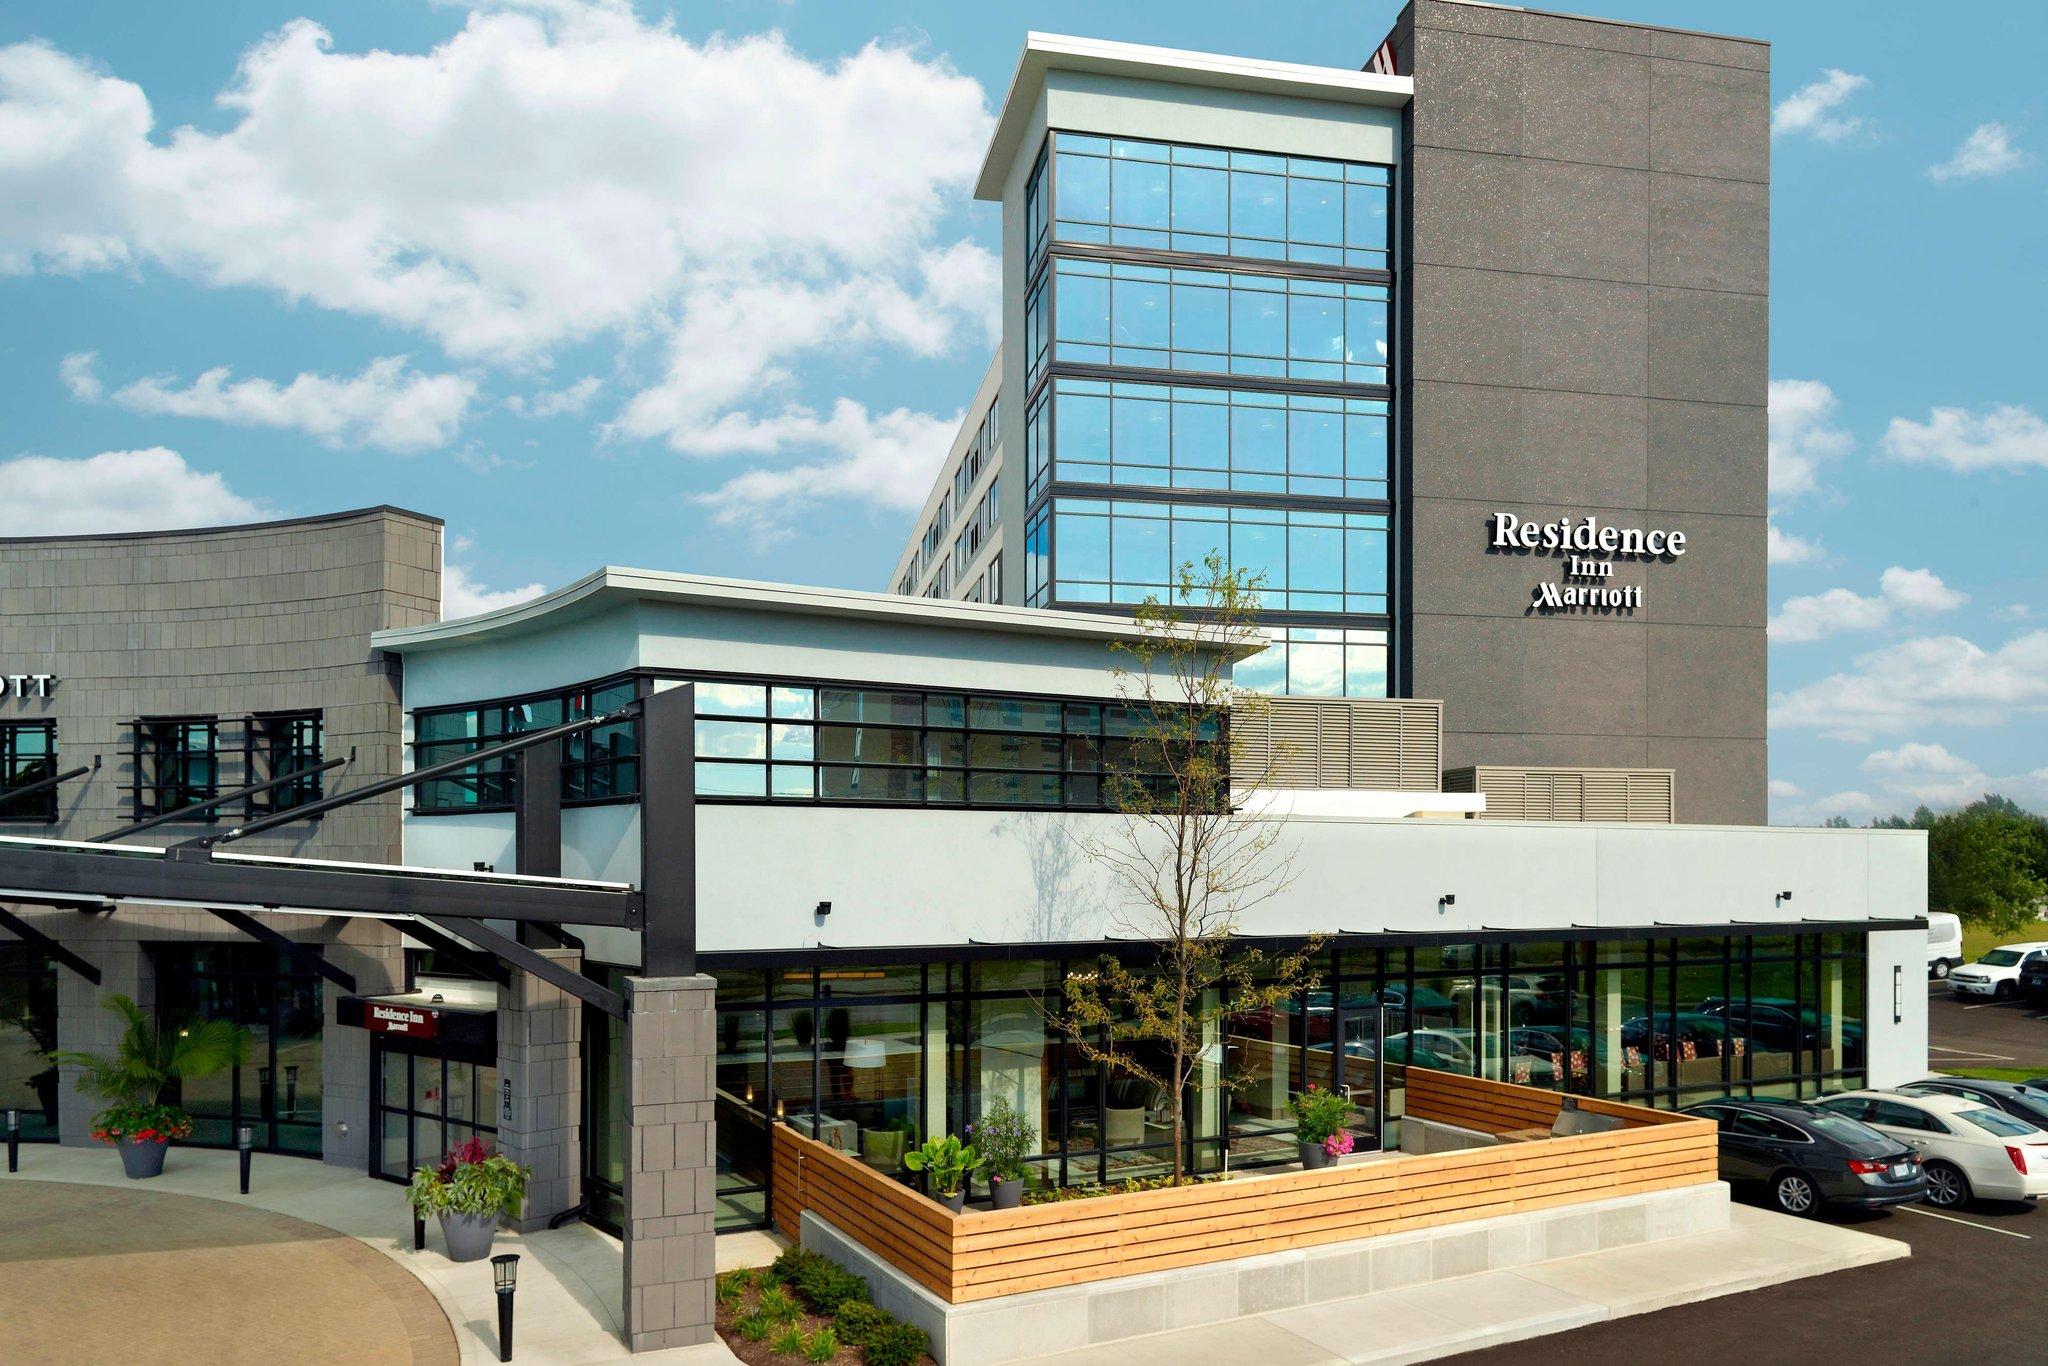 Residence Inn Columbus University Area